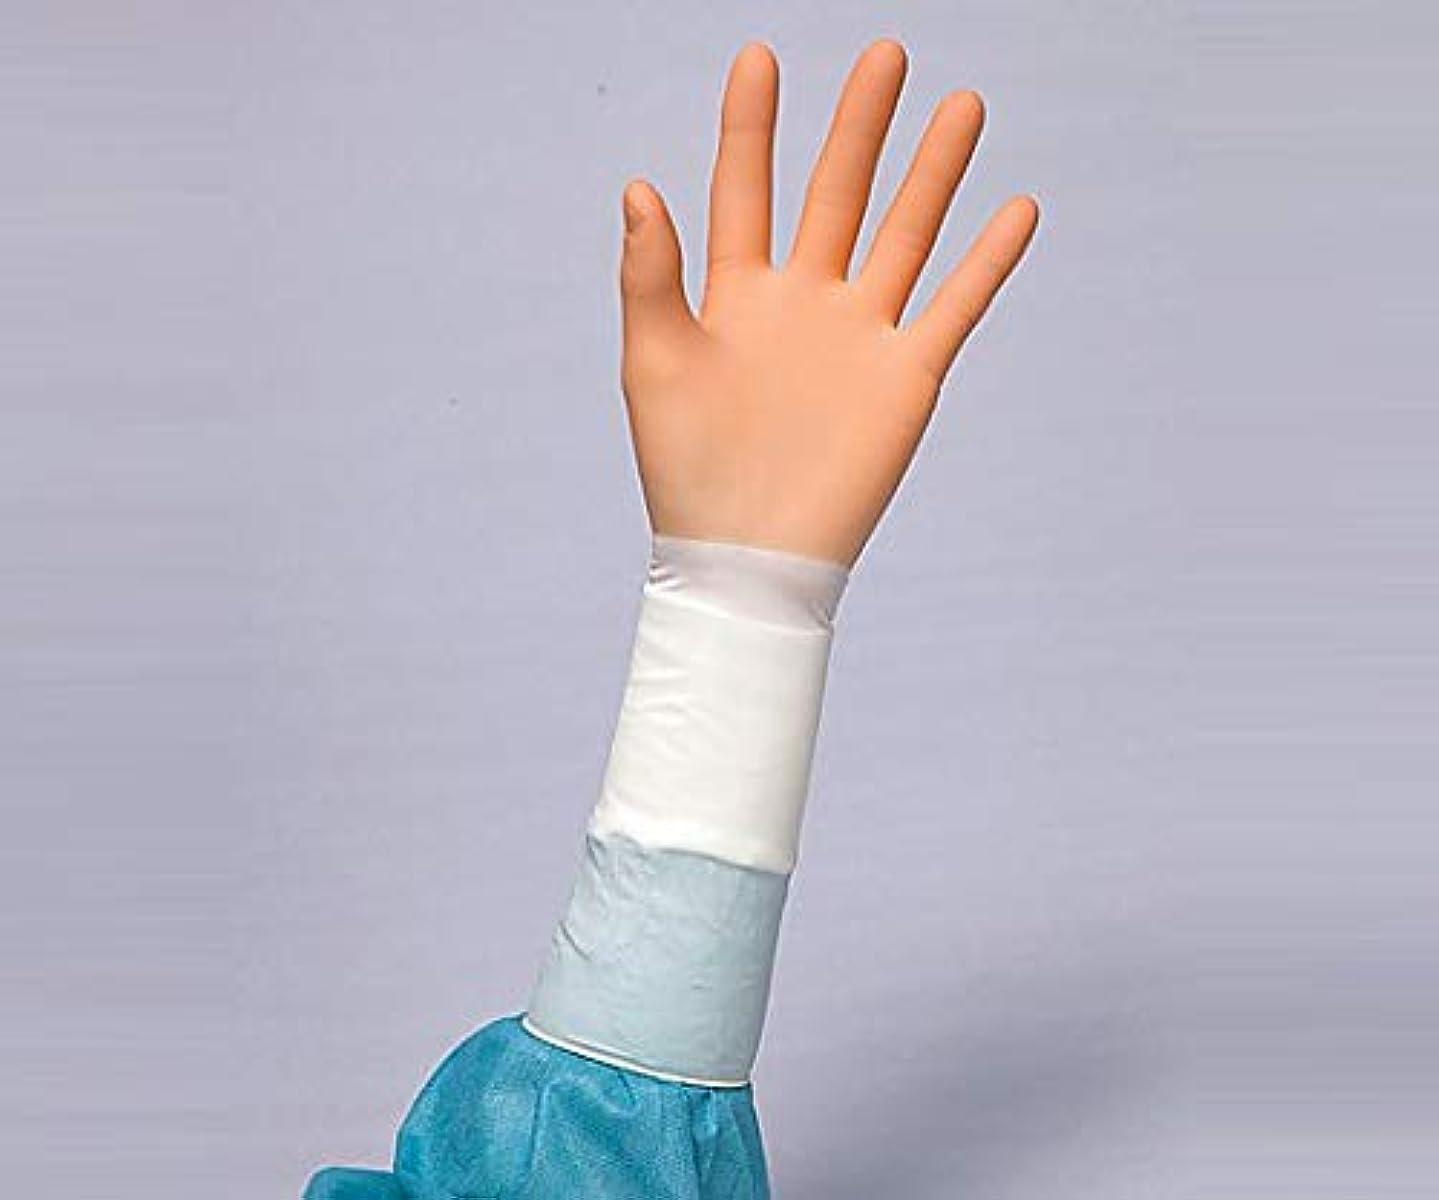 けん引証言するそれるエンブレム手術用手袋PF 20双 7